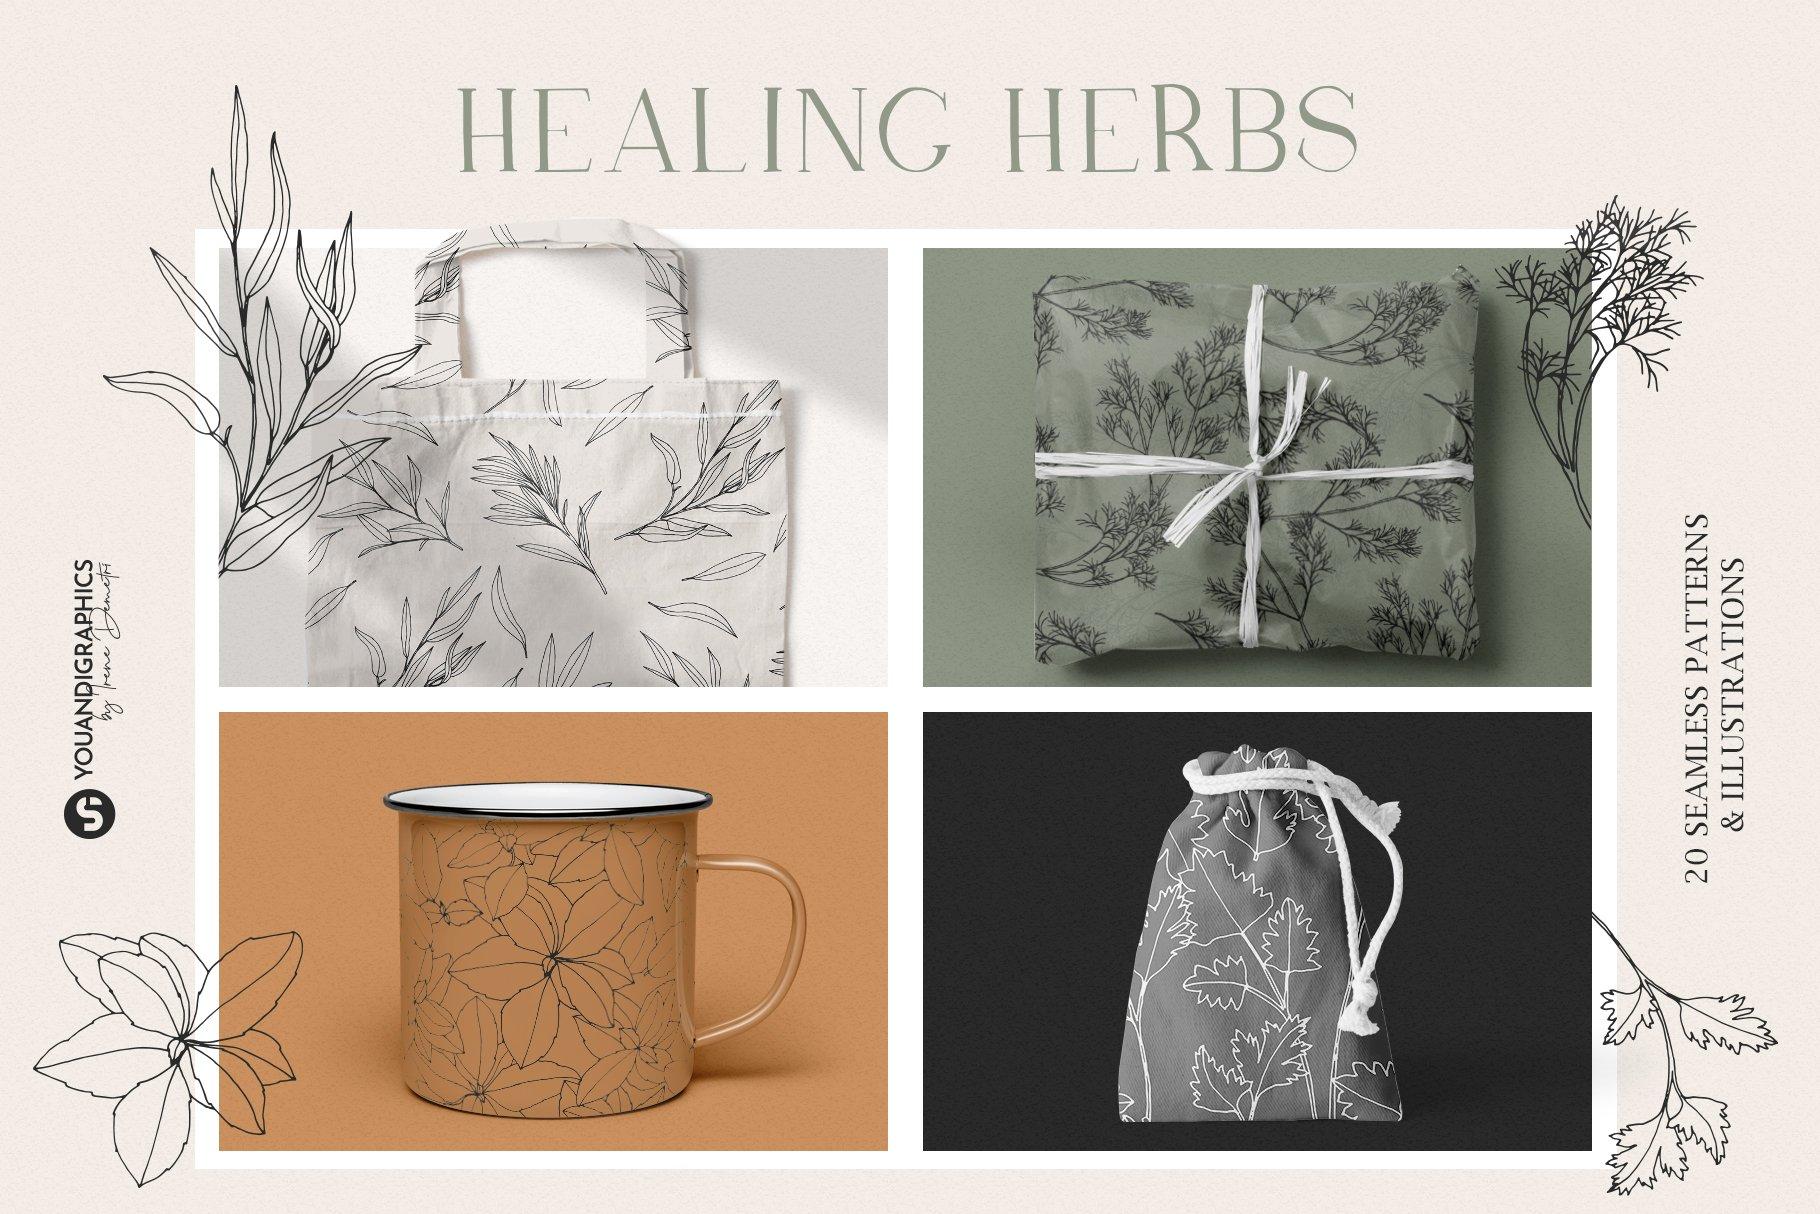 优雅中药草药花草手绘无缝隙矢量图案设计素材 Herbs Patterns & Illustrations插图